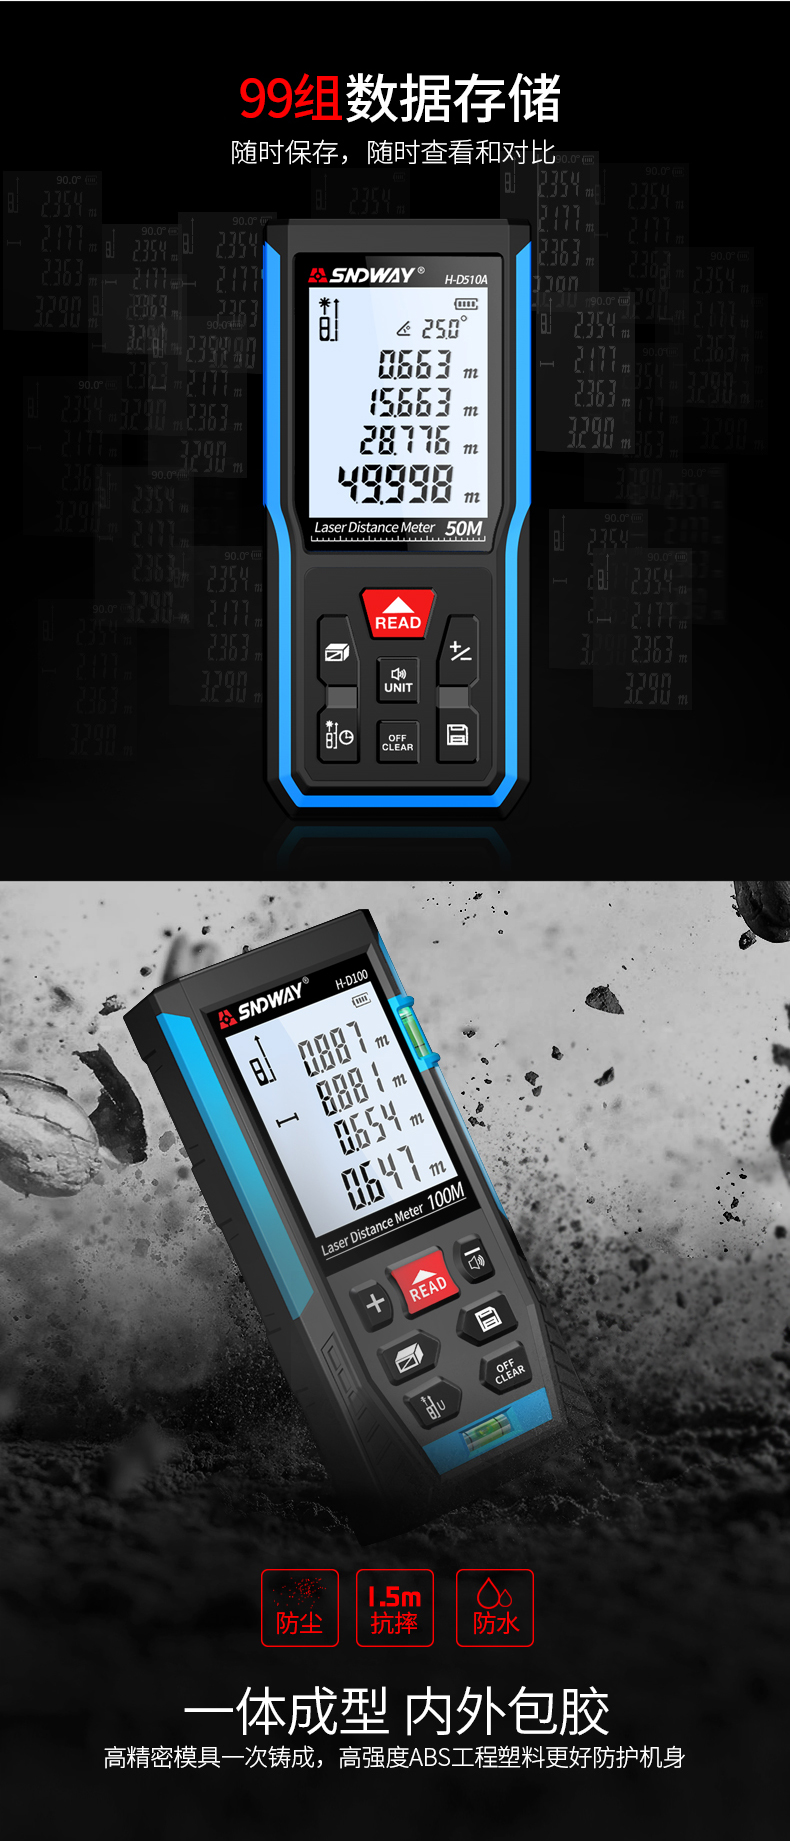 深达威激光测距仪红外线电子尺高精度激光尺测量工具手持量房仪-tmall_03